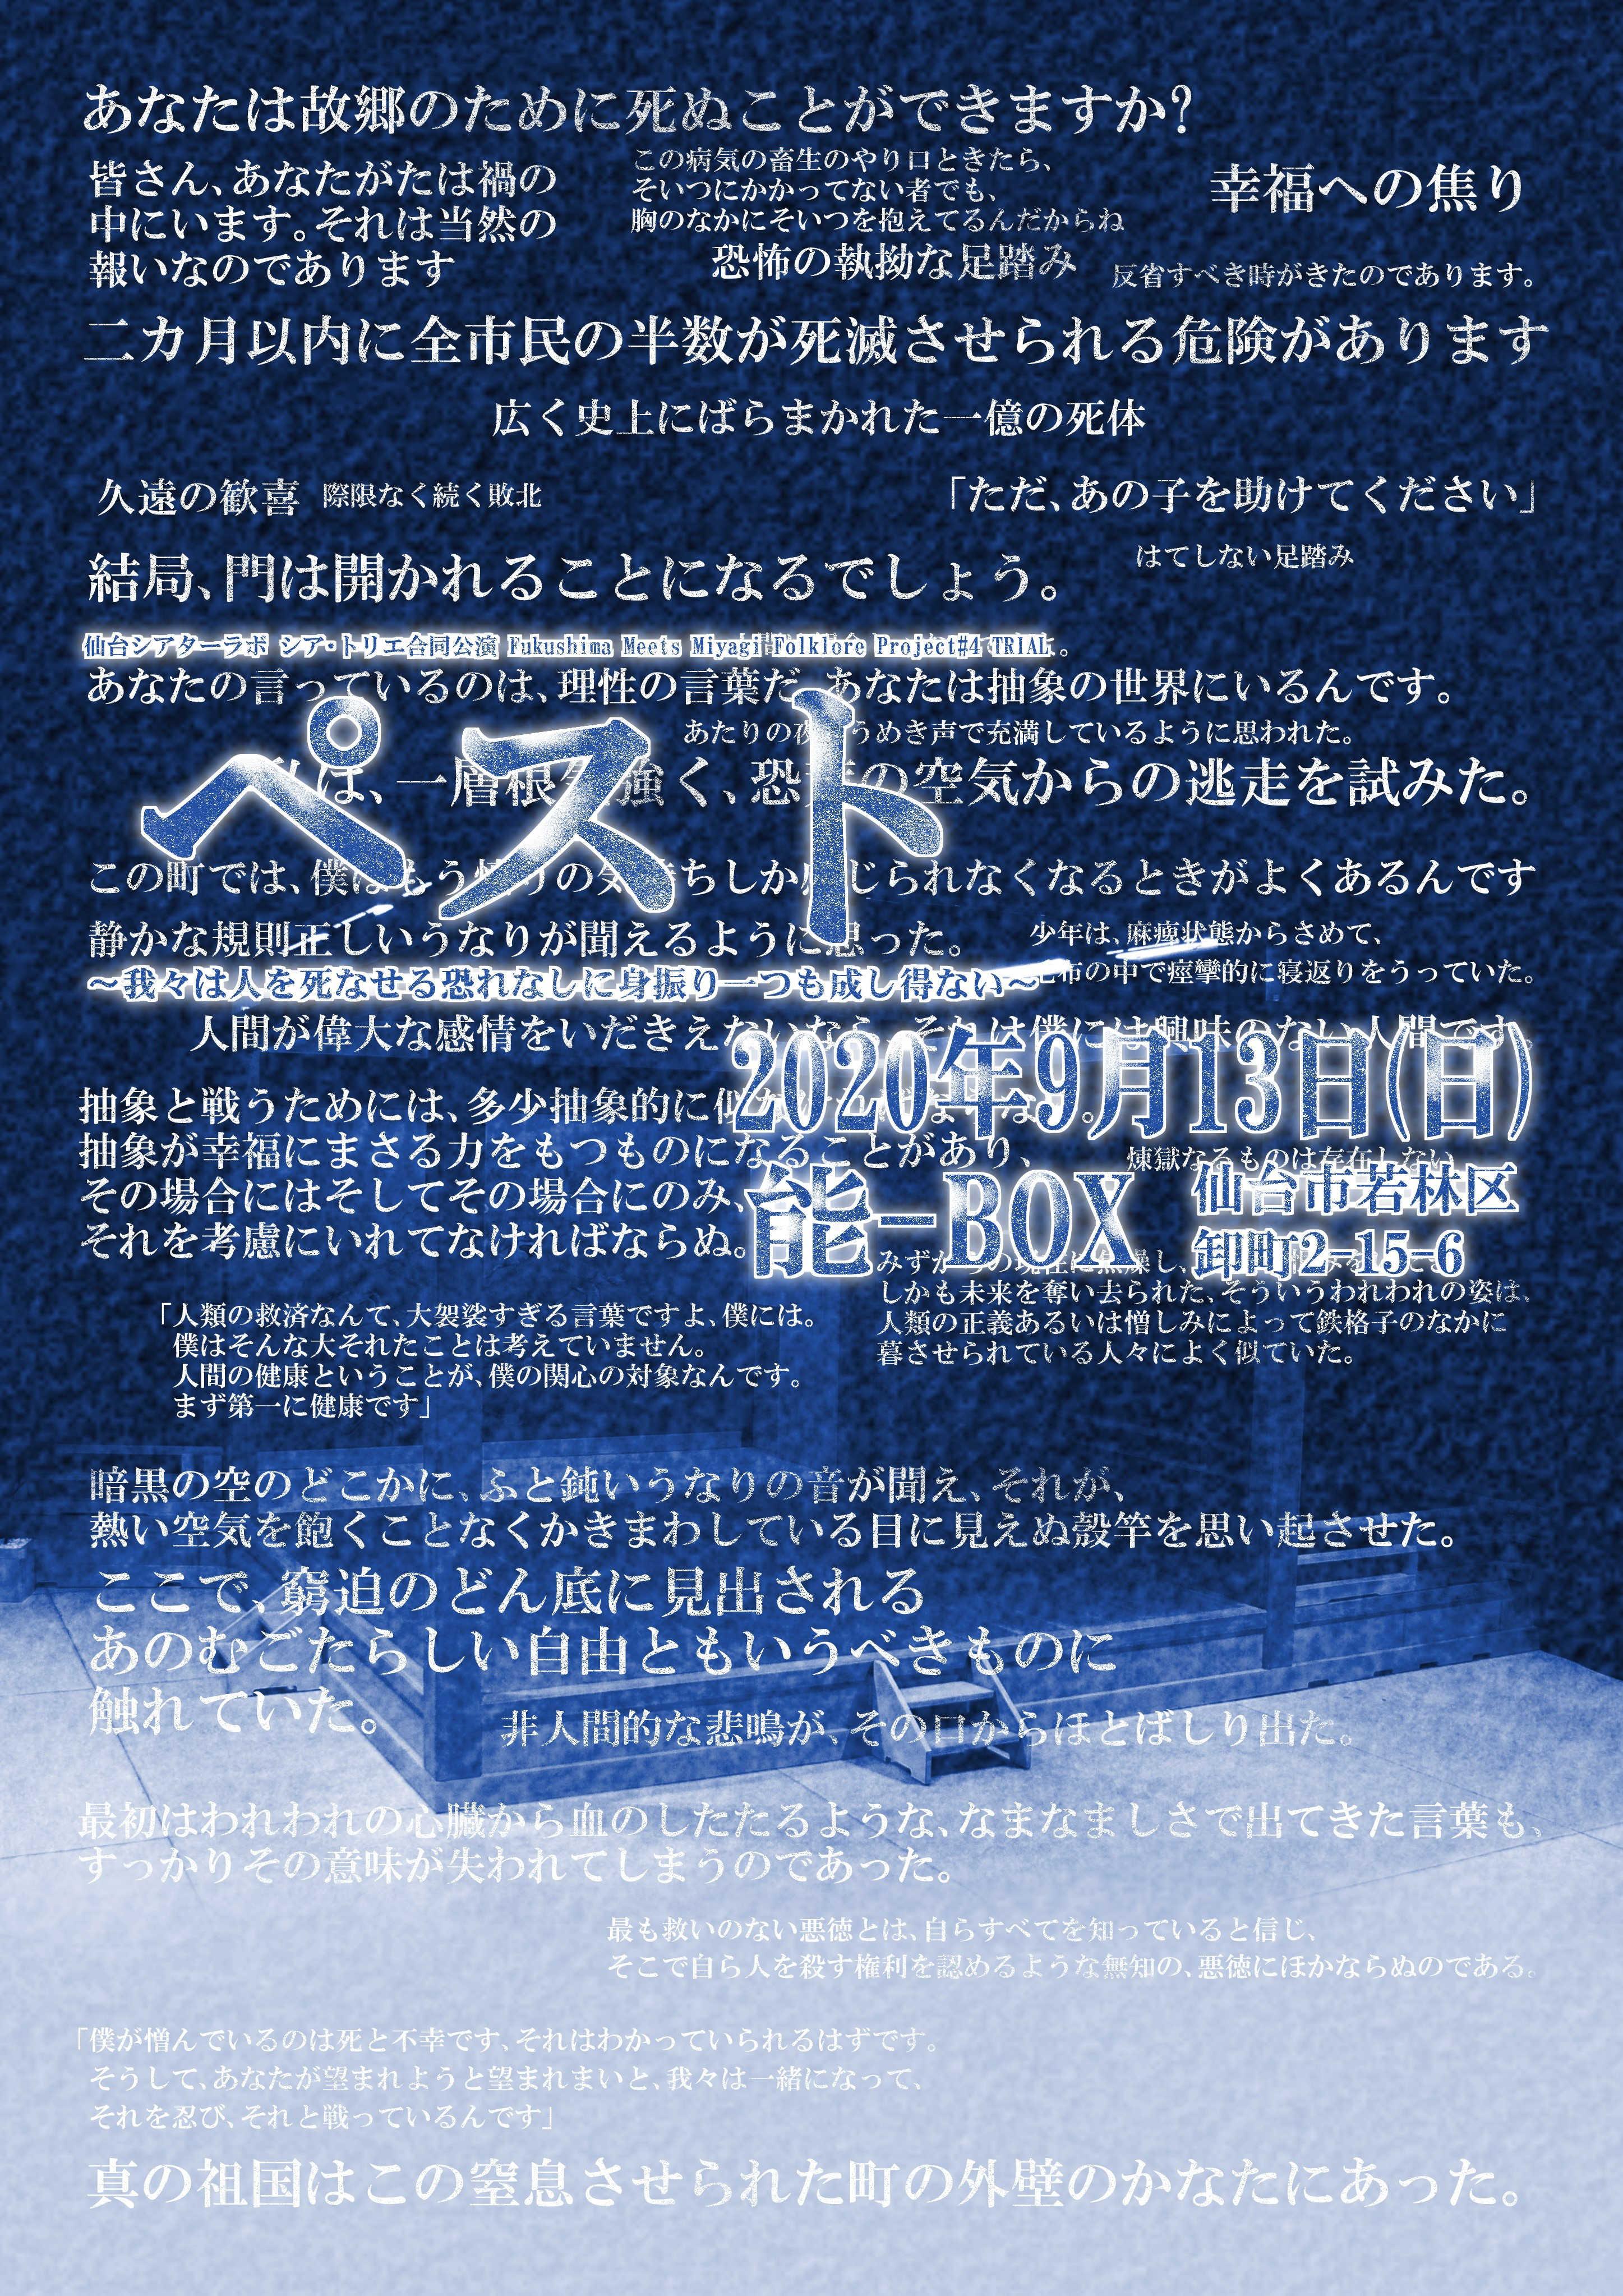 仙台シアターラボ シア・トリエ合同公演 Fukushima Meets Miyagi Folklore Project#4 TRIAL 『ペスト〜我々は人を死なせる恐れなしに身振り一つも成し得ない〜』